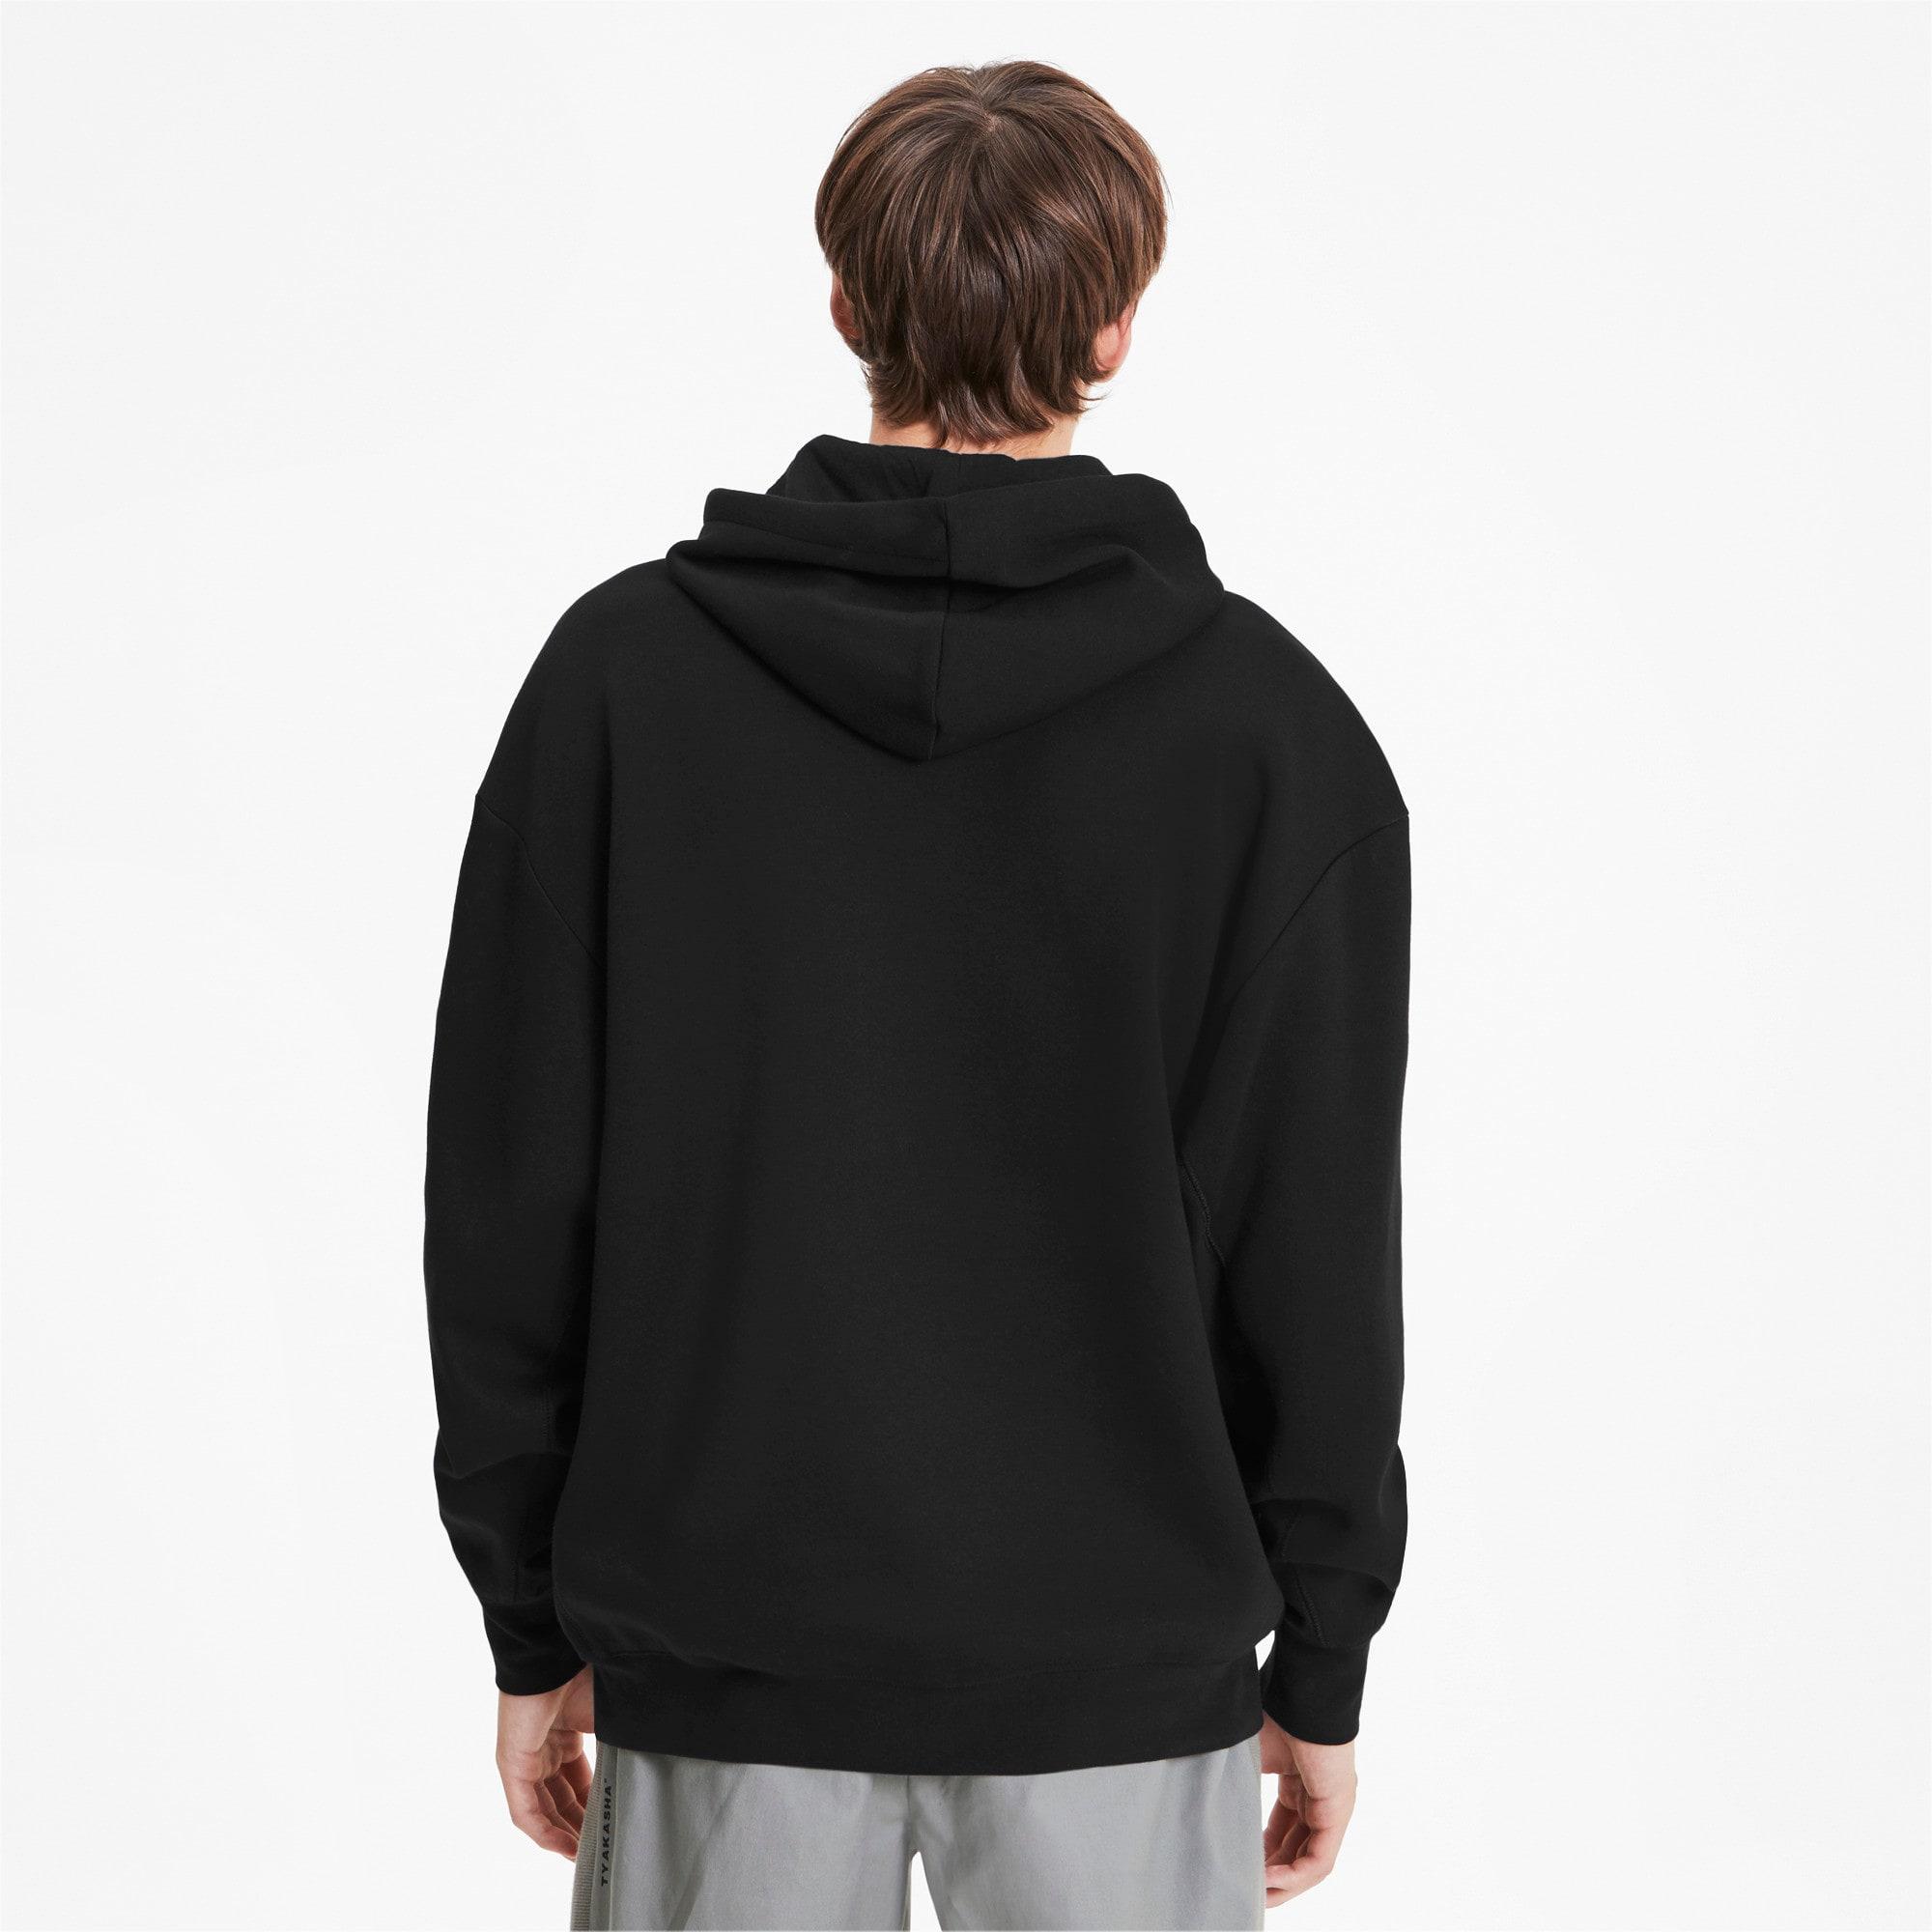 Miniatura 3 de Chaqueta con capucha PUMA x TYAKASHA de hombre, Cotton Black, mediano